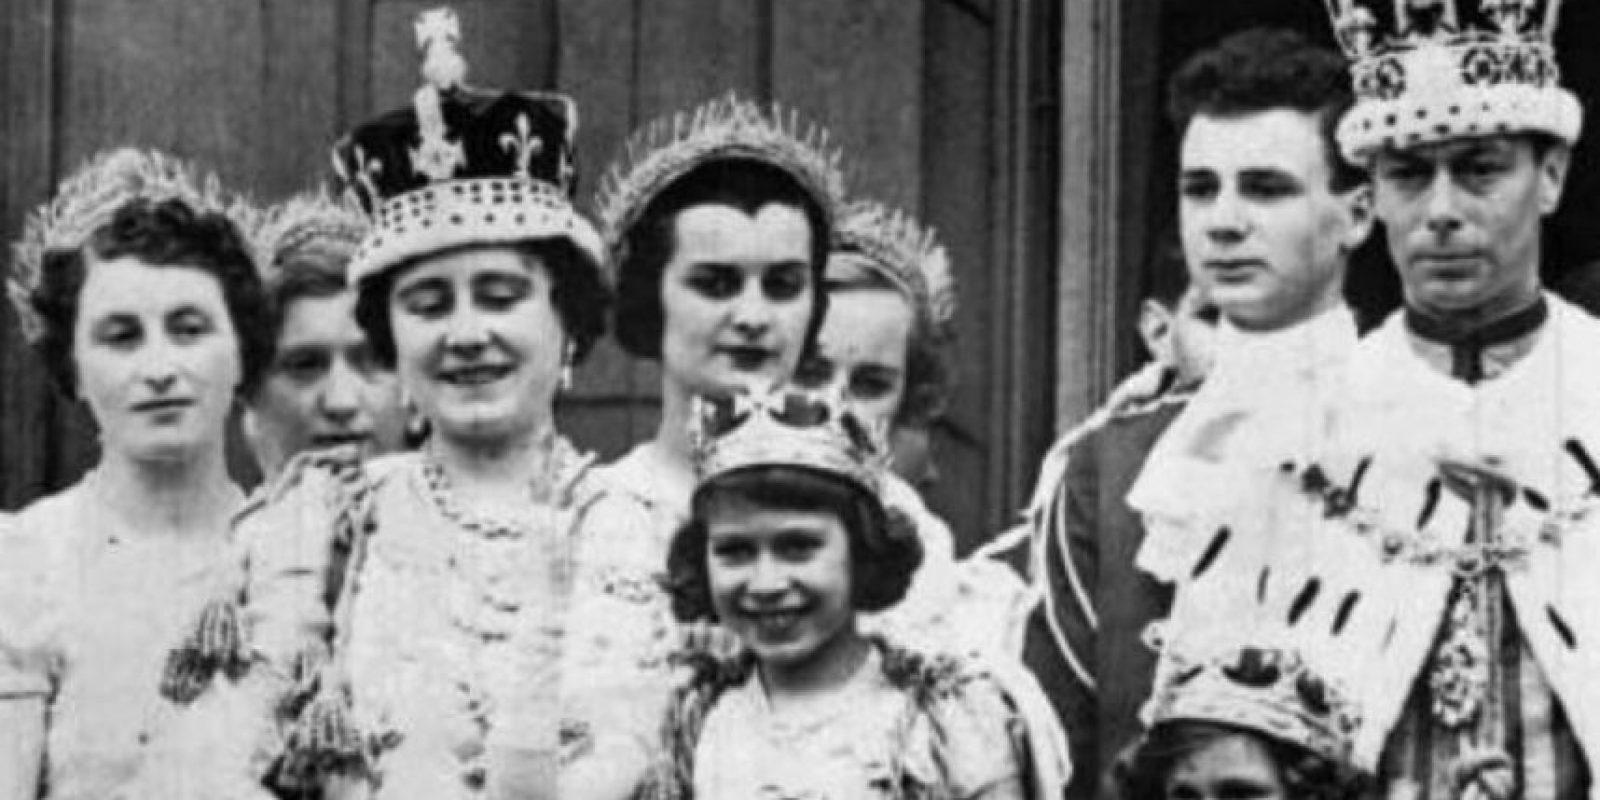 La joya fue colocada en la corona de la Reina Isabel madre. Foto:Vía royal.gov.uk